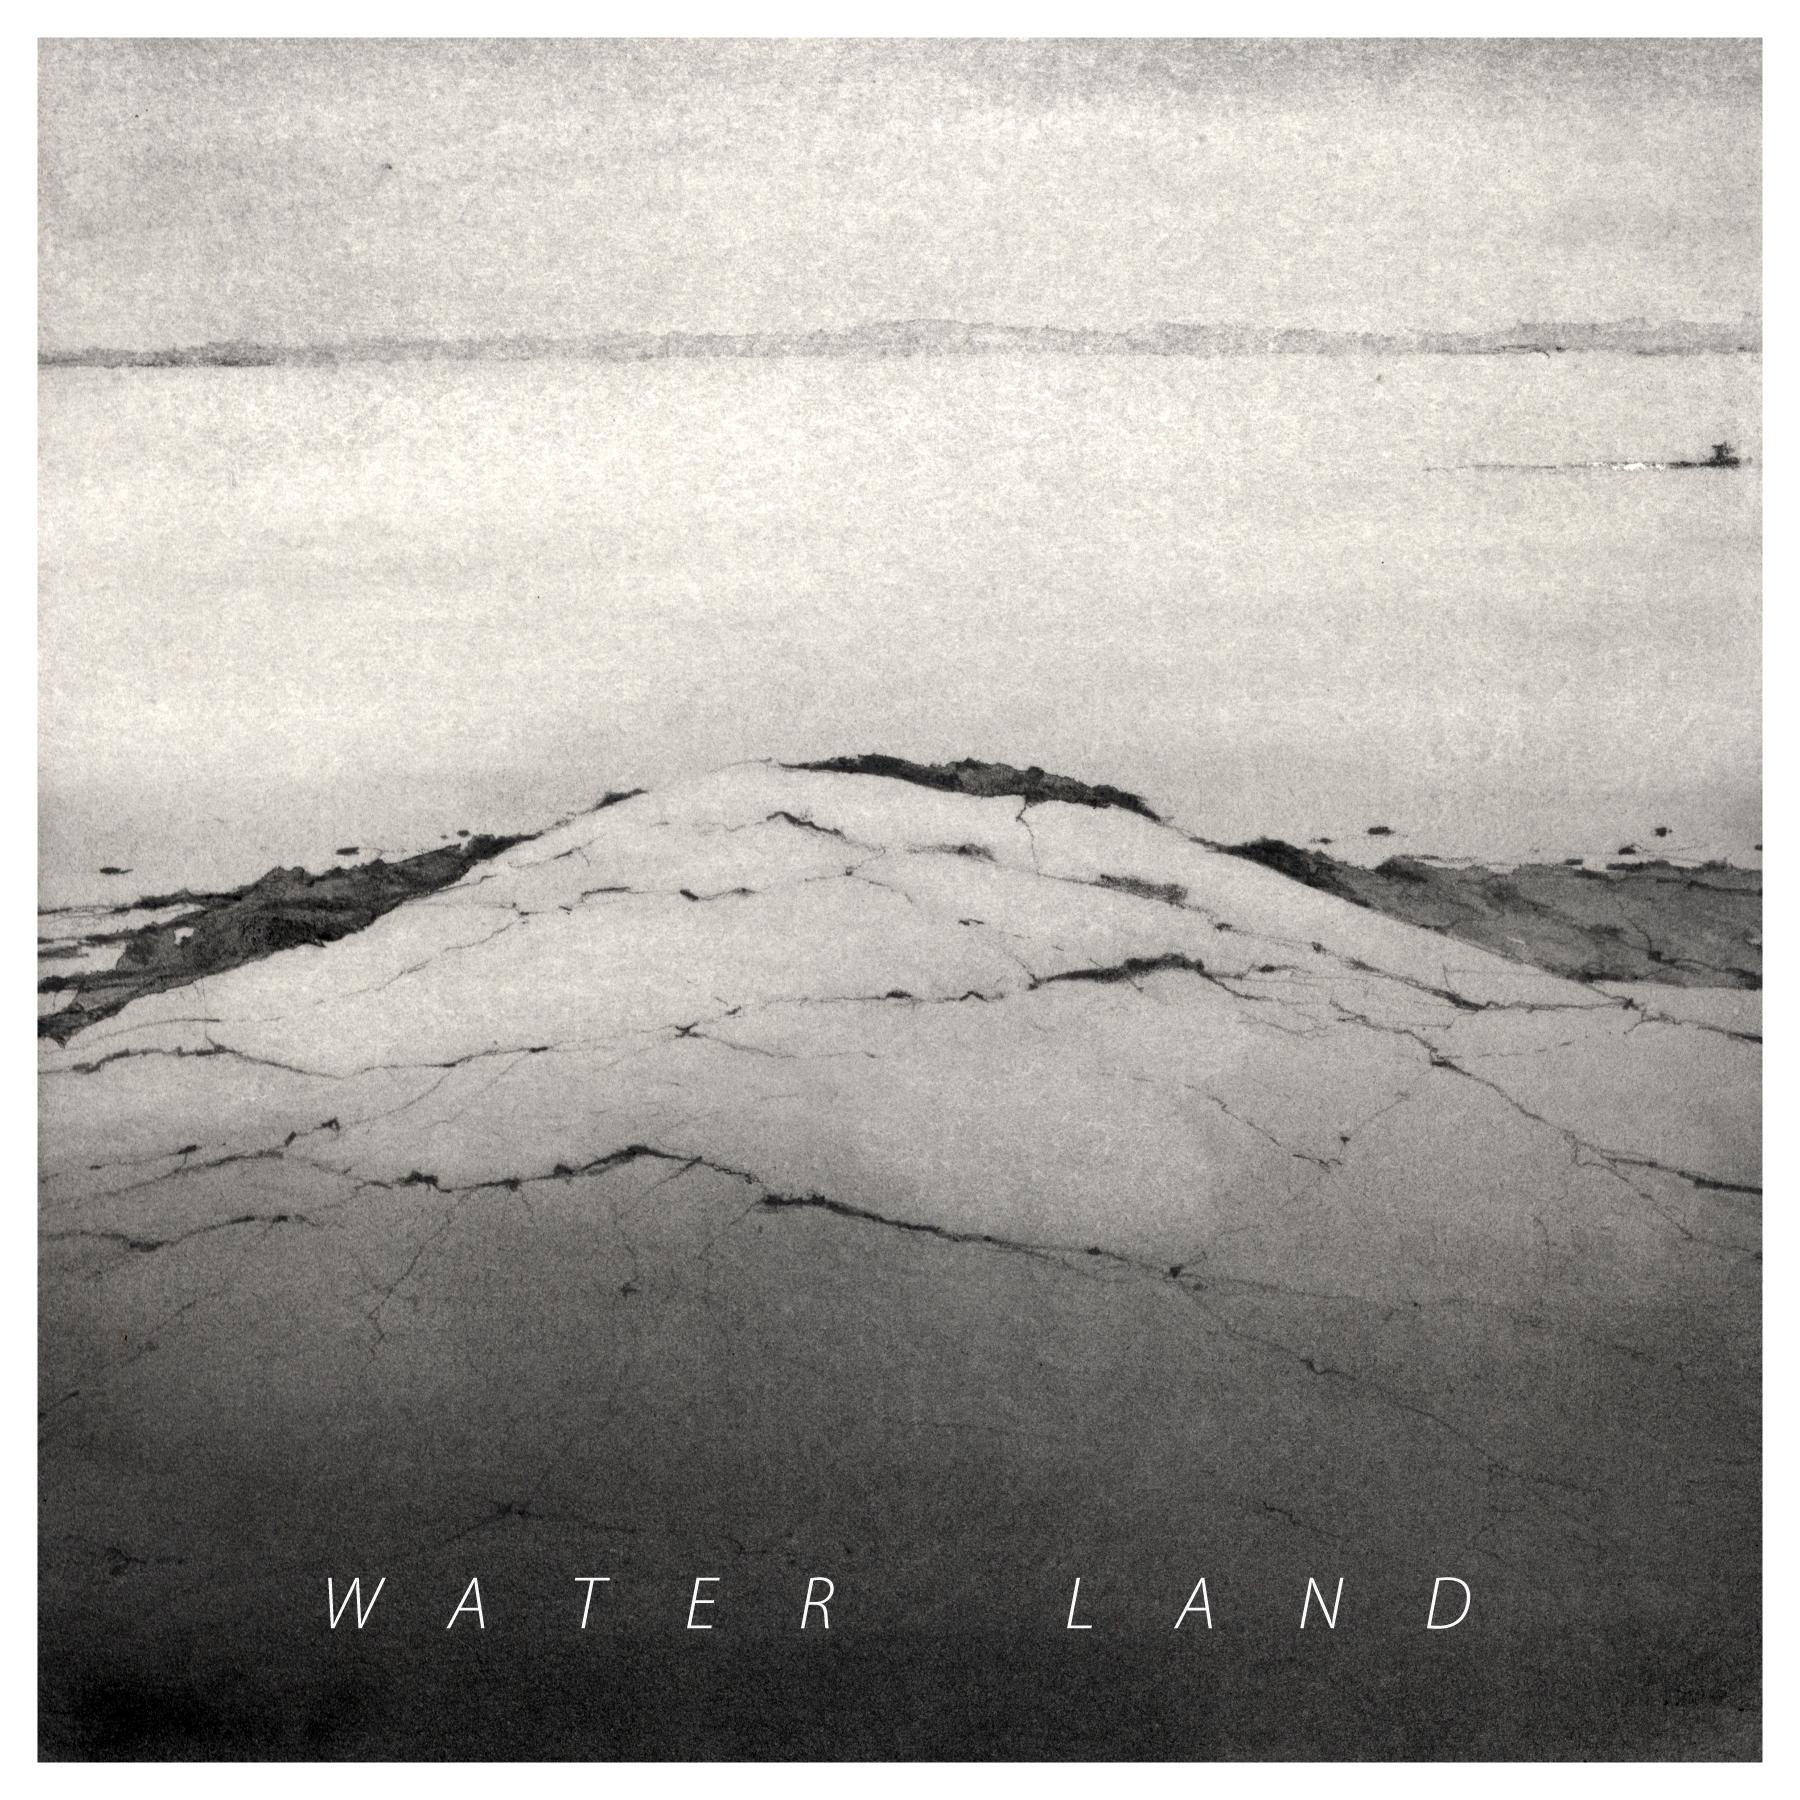 WATERLAND CARD 2.jpg